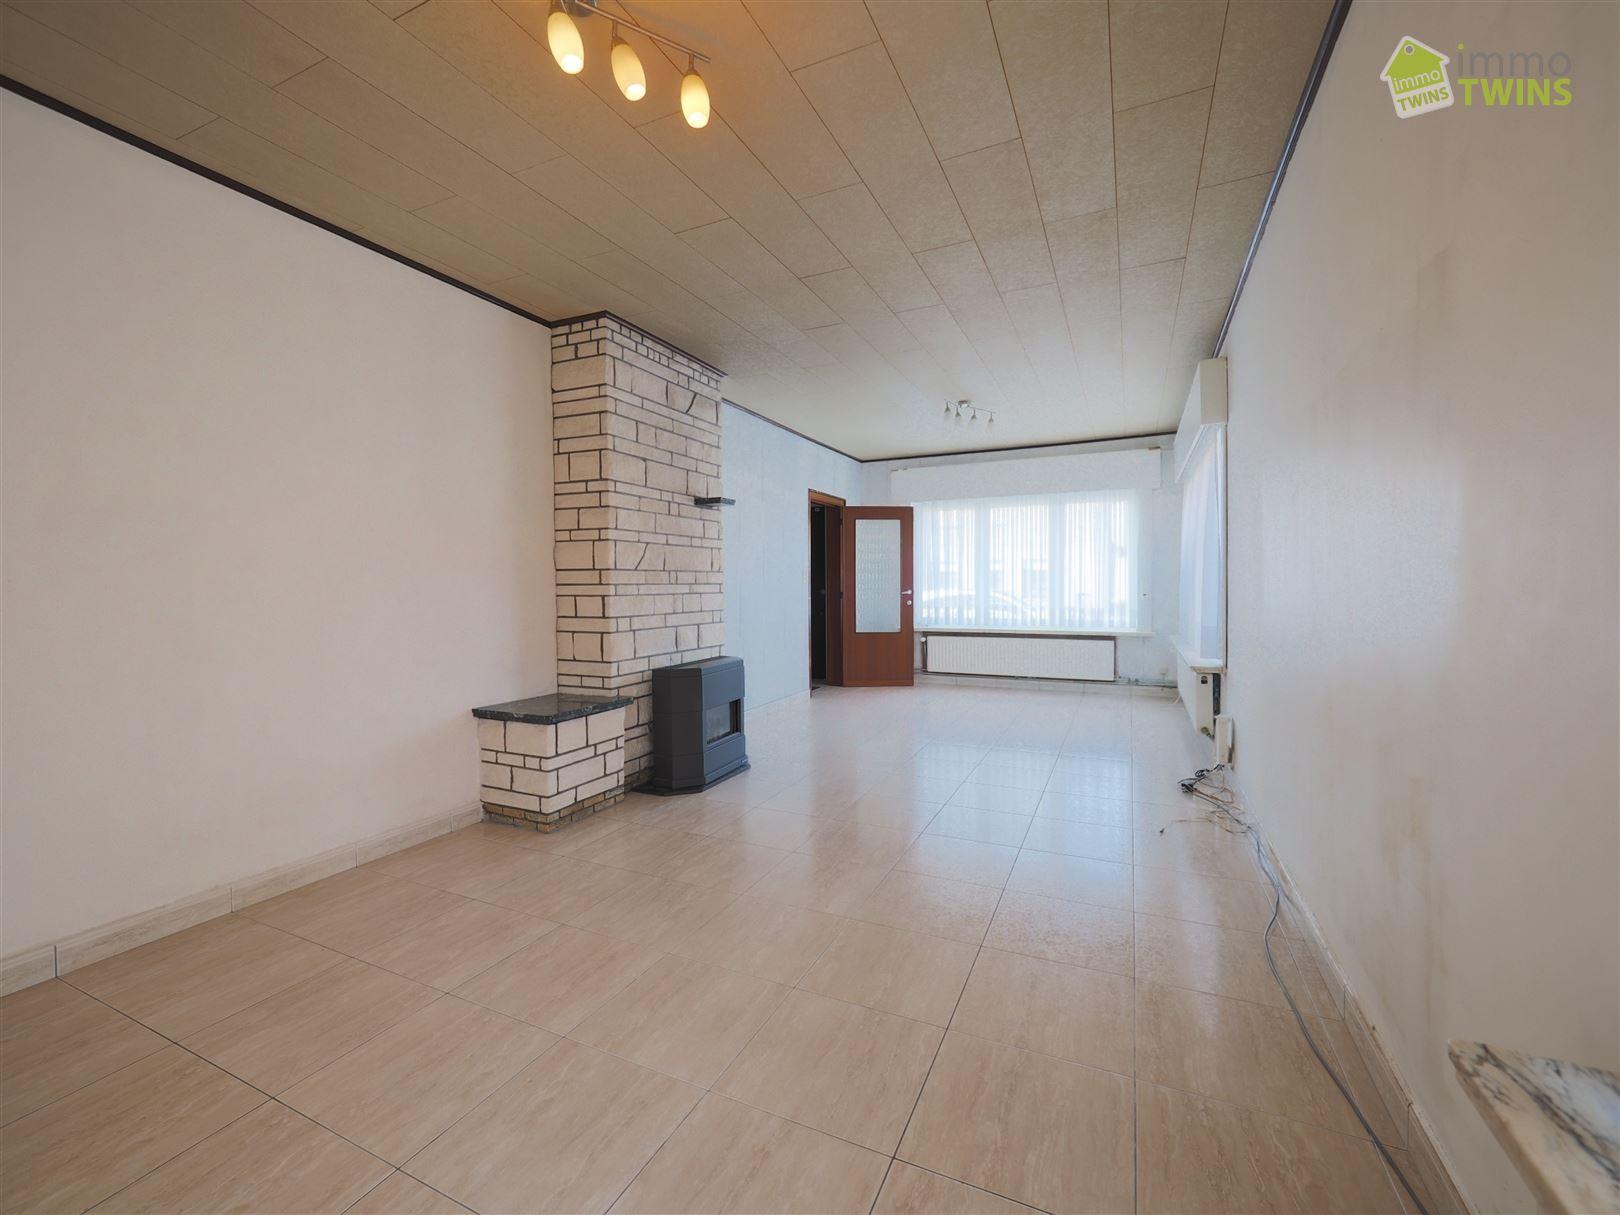 Foto 3 : Huis te 9200 SINT-GILLIS-DENDERMONDE (België) - Prijs € 259.000